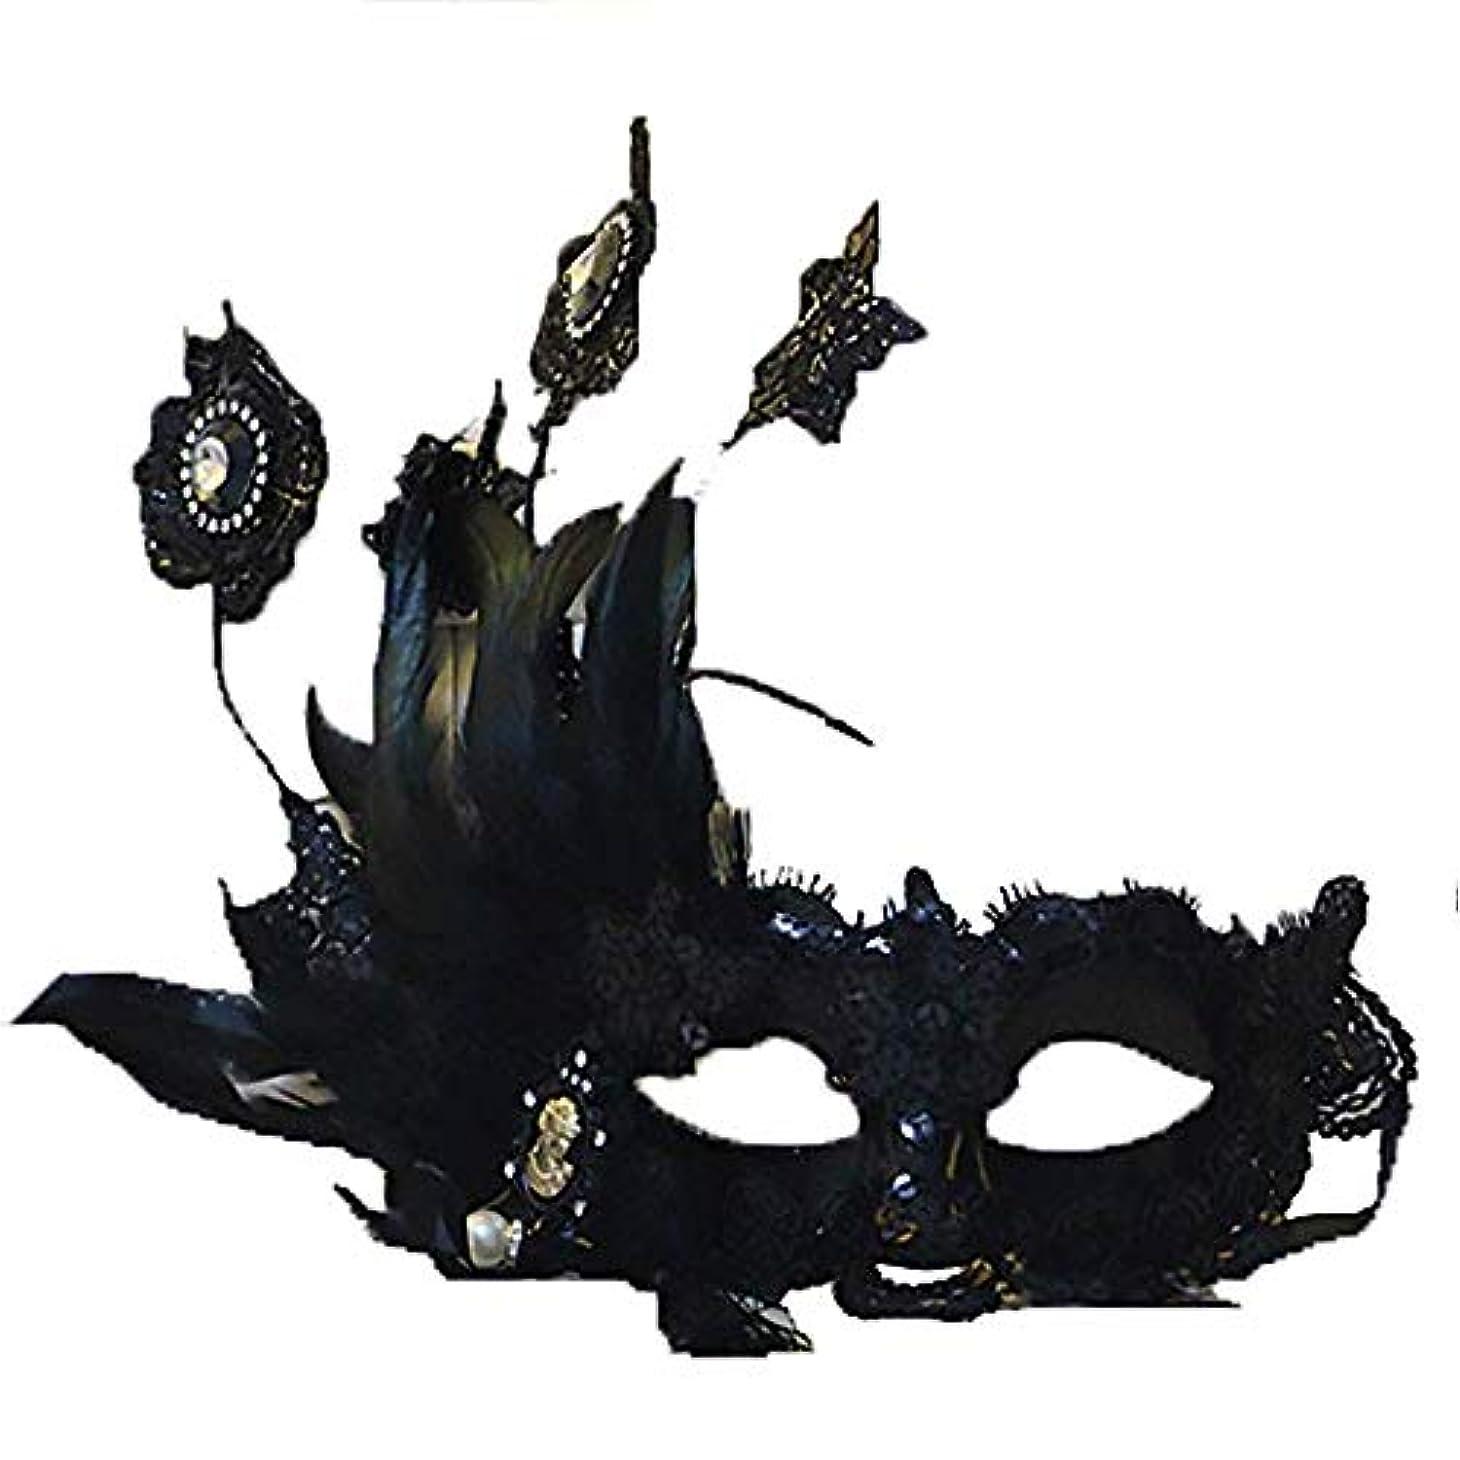 塩深さフィヨルドNanle Halloween Ornate Blackコロンビーナフェザーマスク